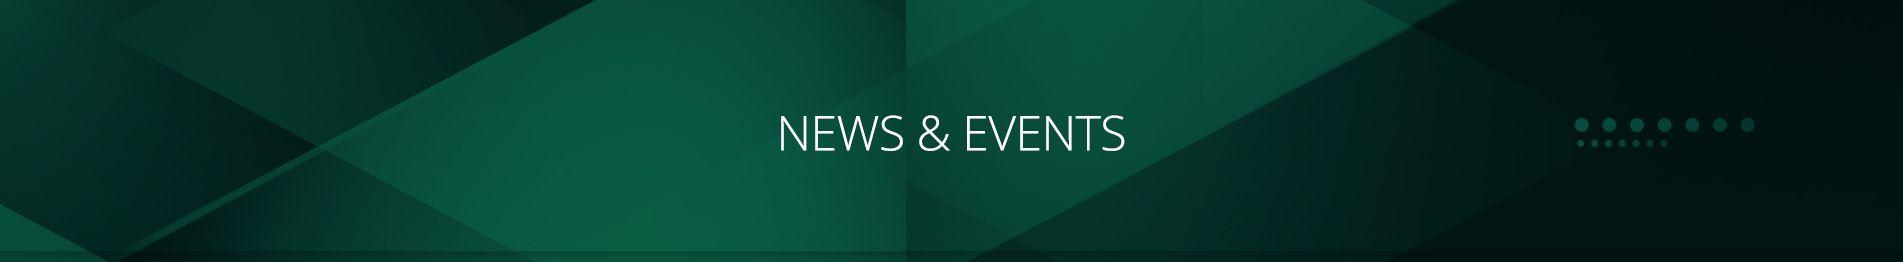 Envent Corporation | News & Events